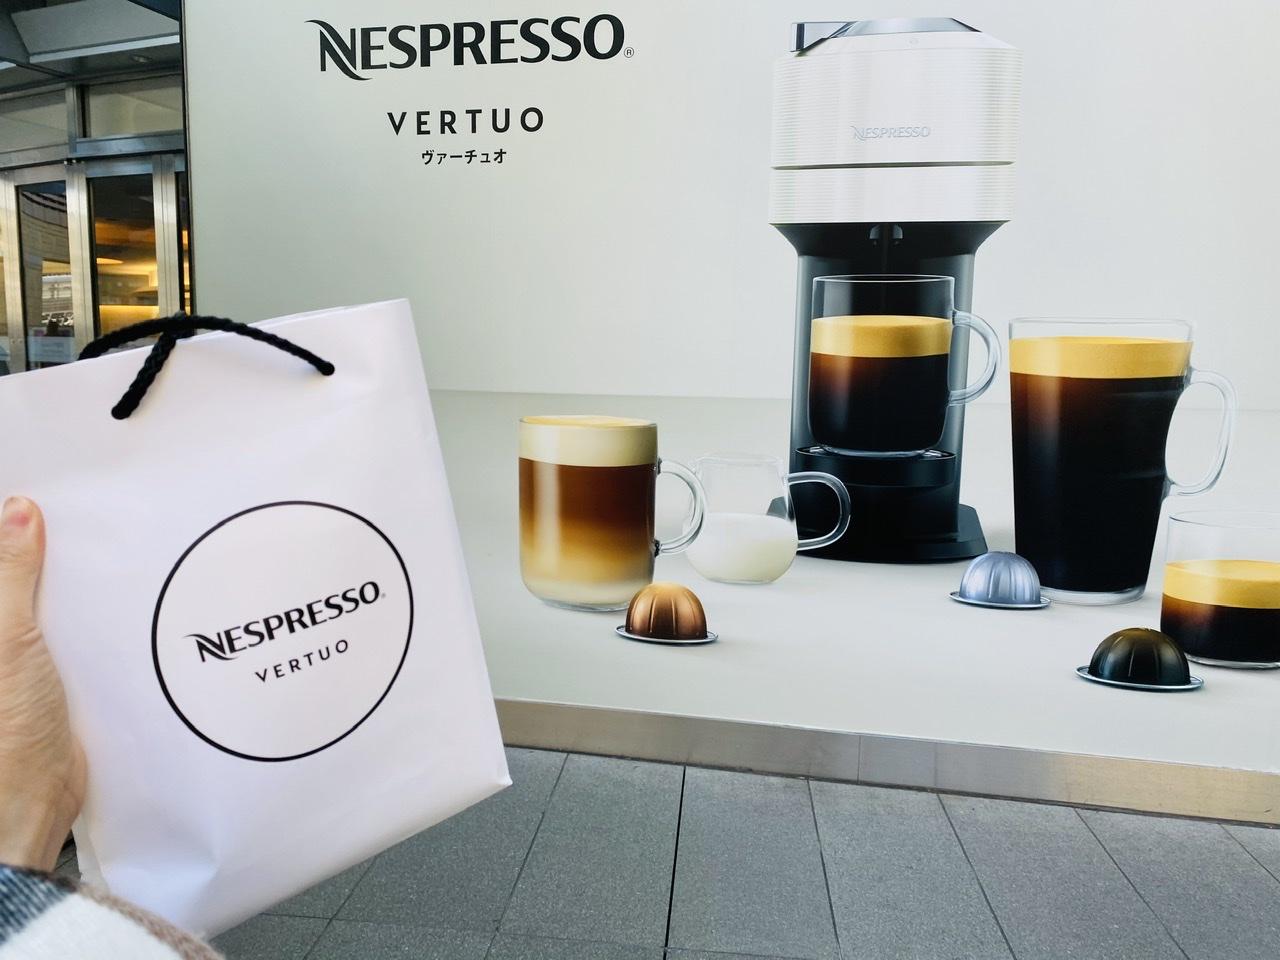 【ネスプレッソ】豪華すぎる!マグカップ&名入りコースター貰える★新コーヒーマシン体験イベントへ♡_12